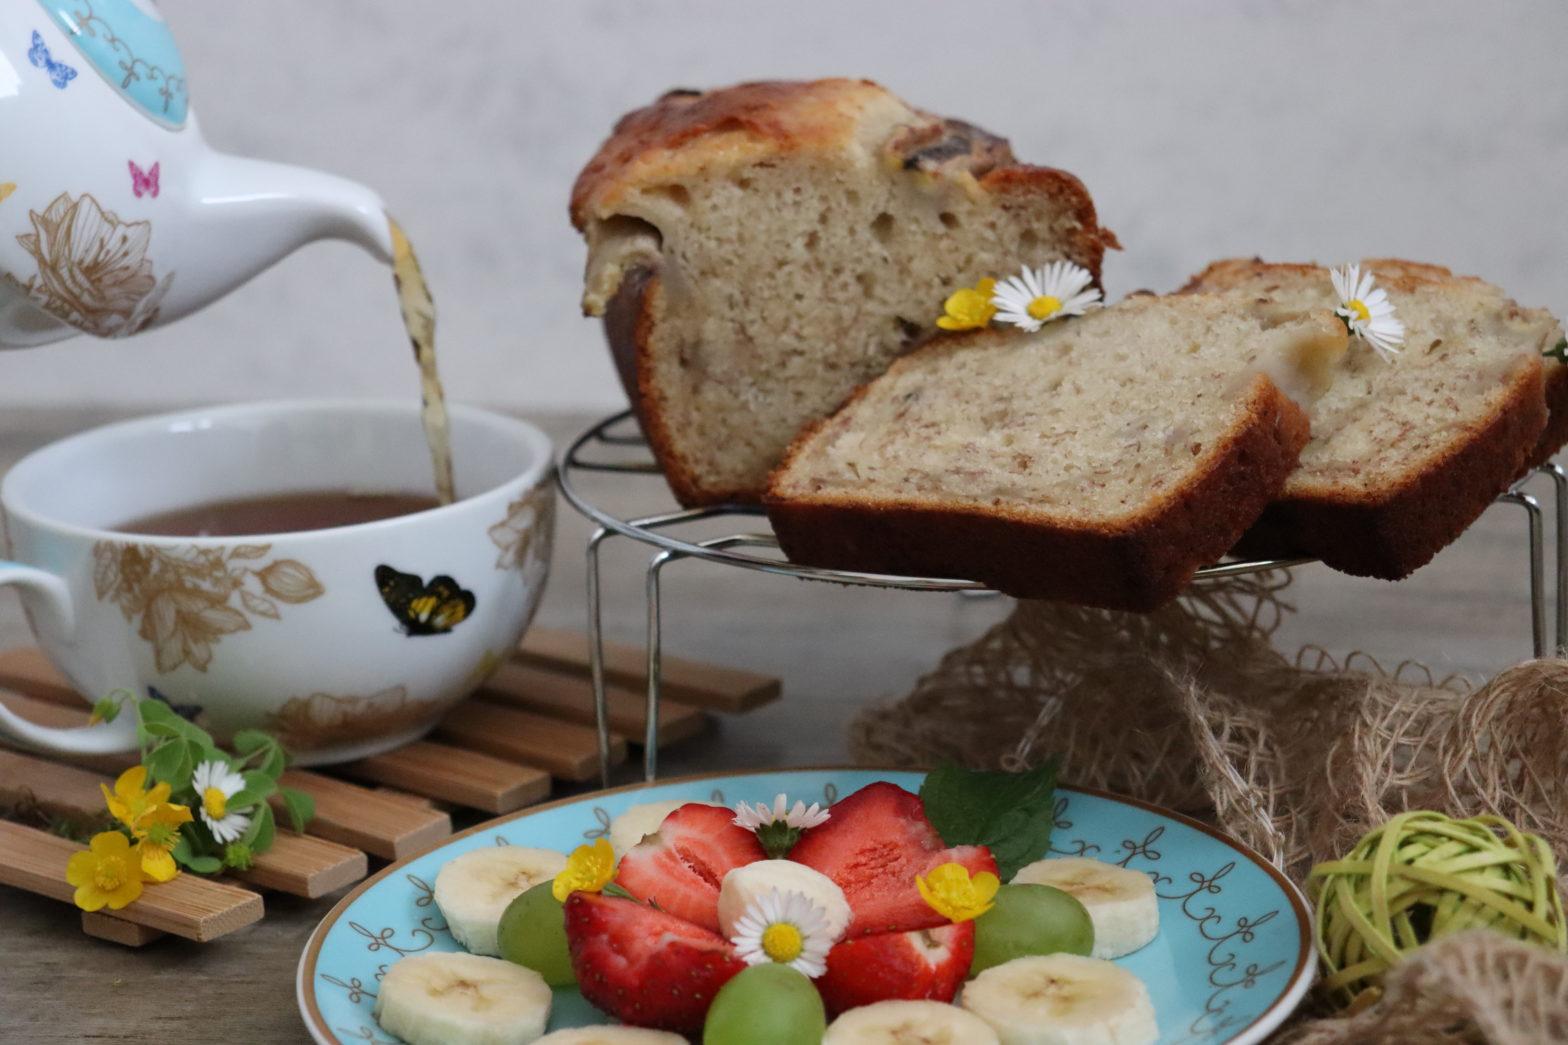 veganes Bananenbrot mit einer Tasse Tee und Teller voller Obst